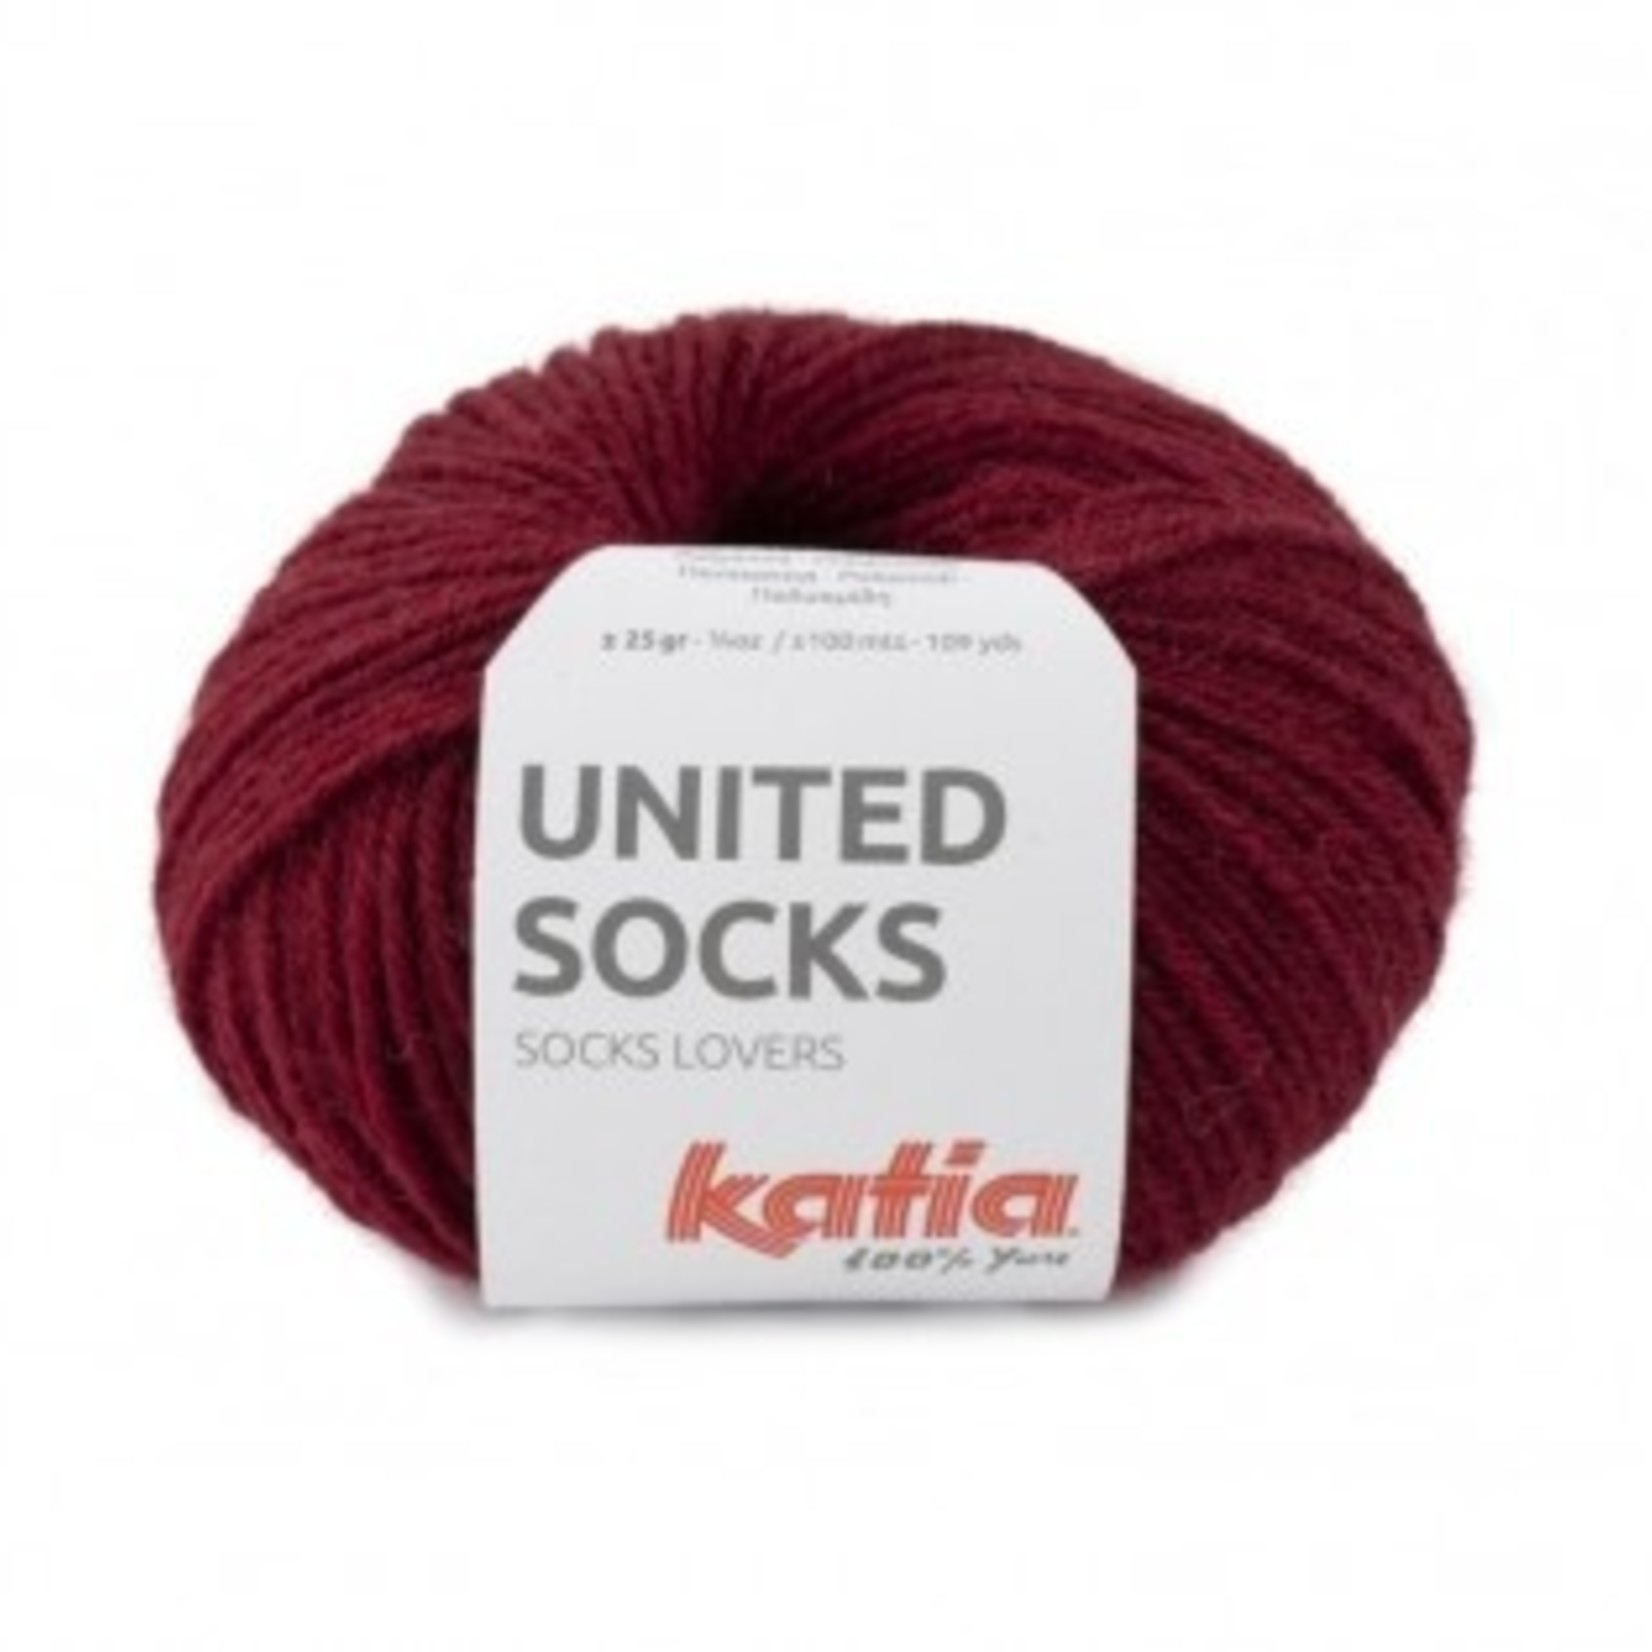 Katia Katia - United Socks